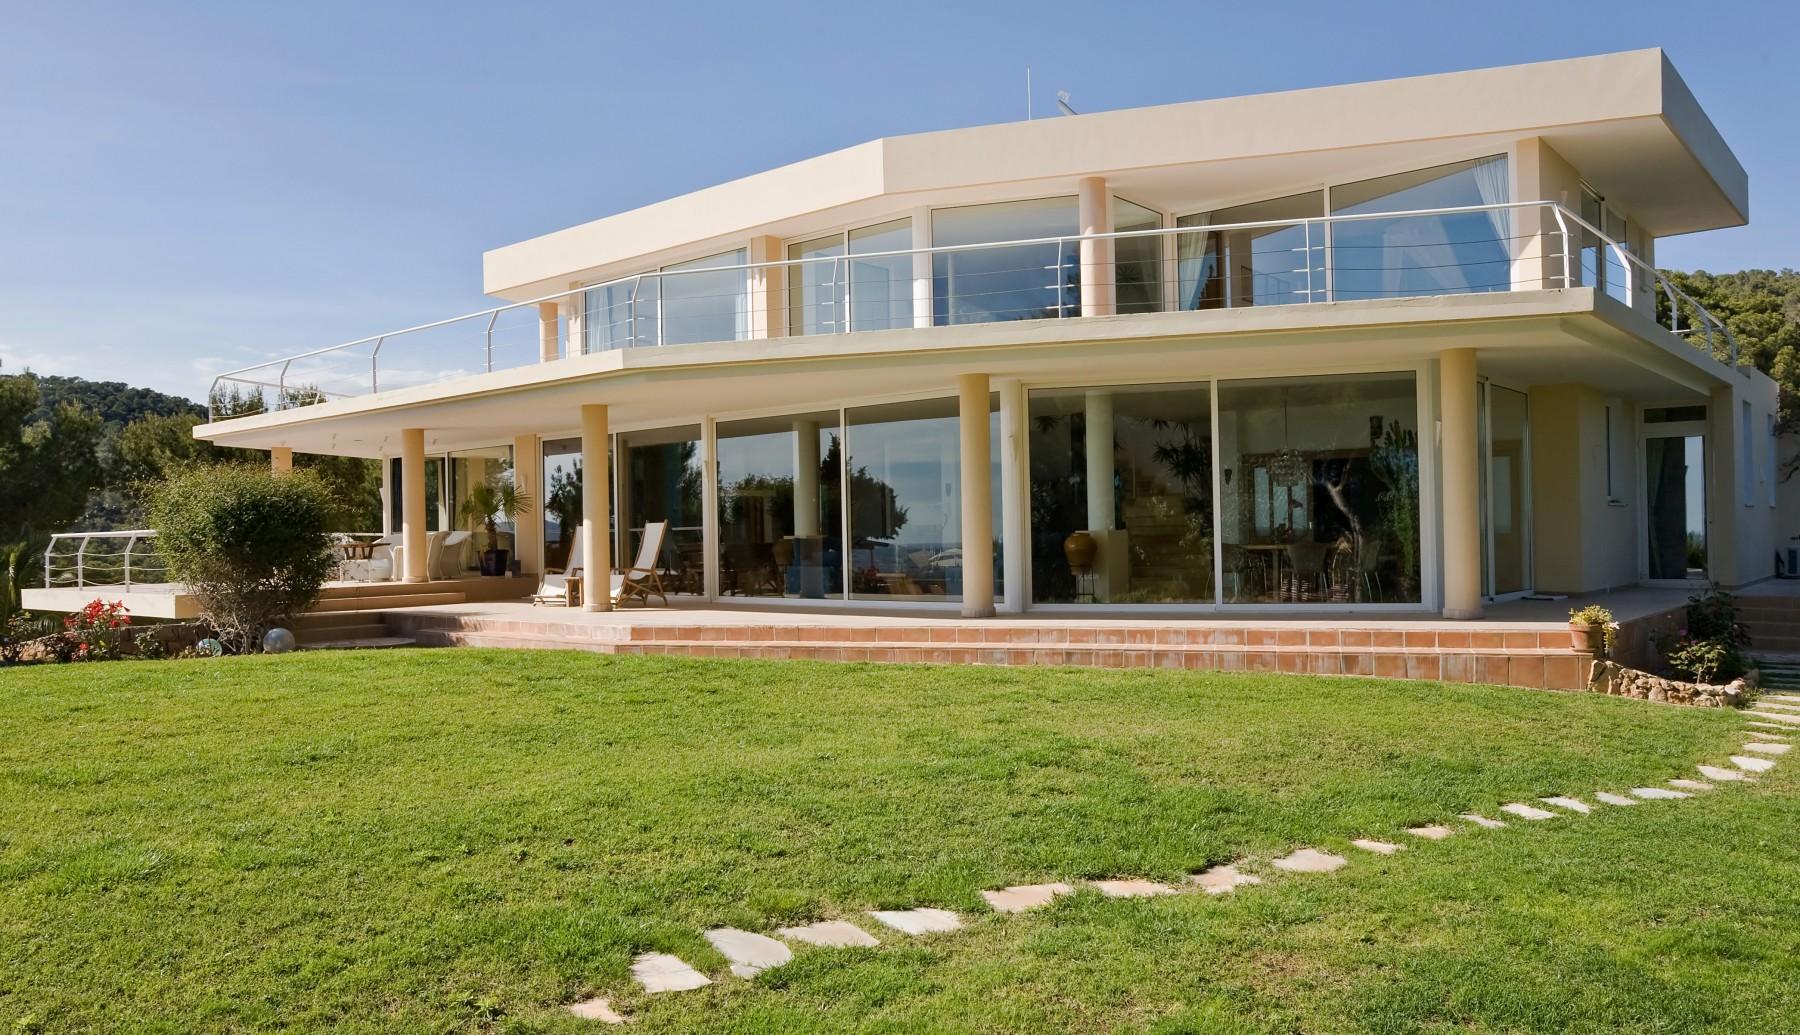 Villas en ibiza ciudad bosch can for Jardin hormiguita viajera villa bosch